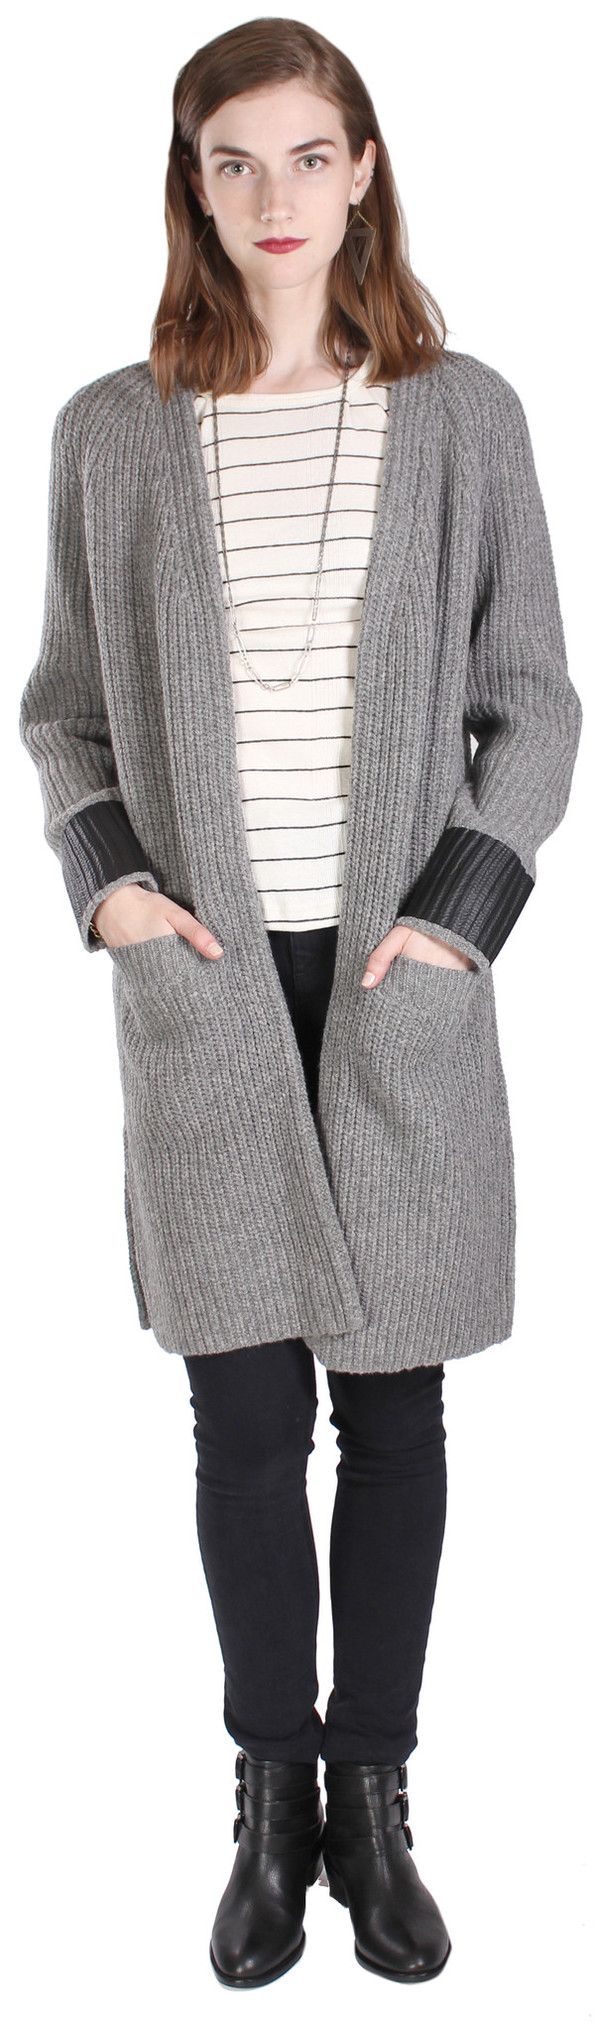 Rag & Bone Bonnie Stripe Cardigan